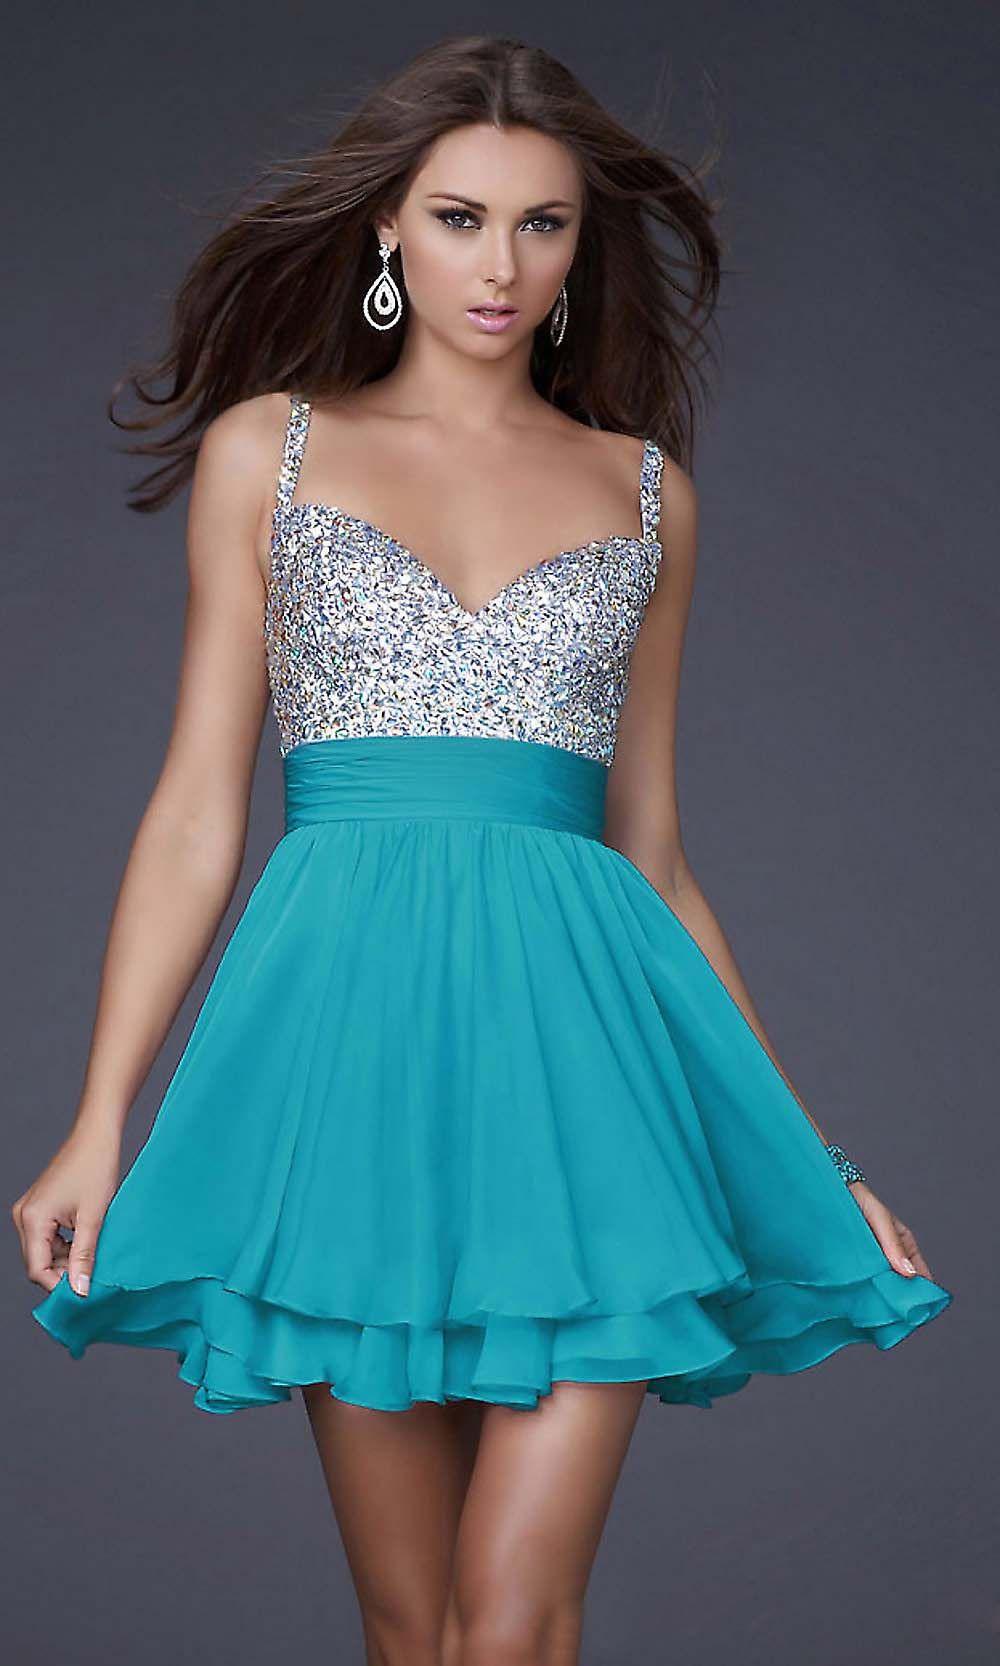 Junior Prom Short Dresses - Ocodea.com